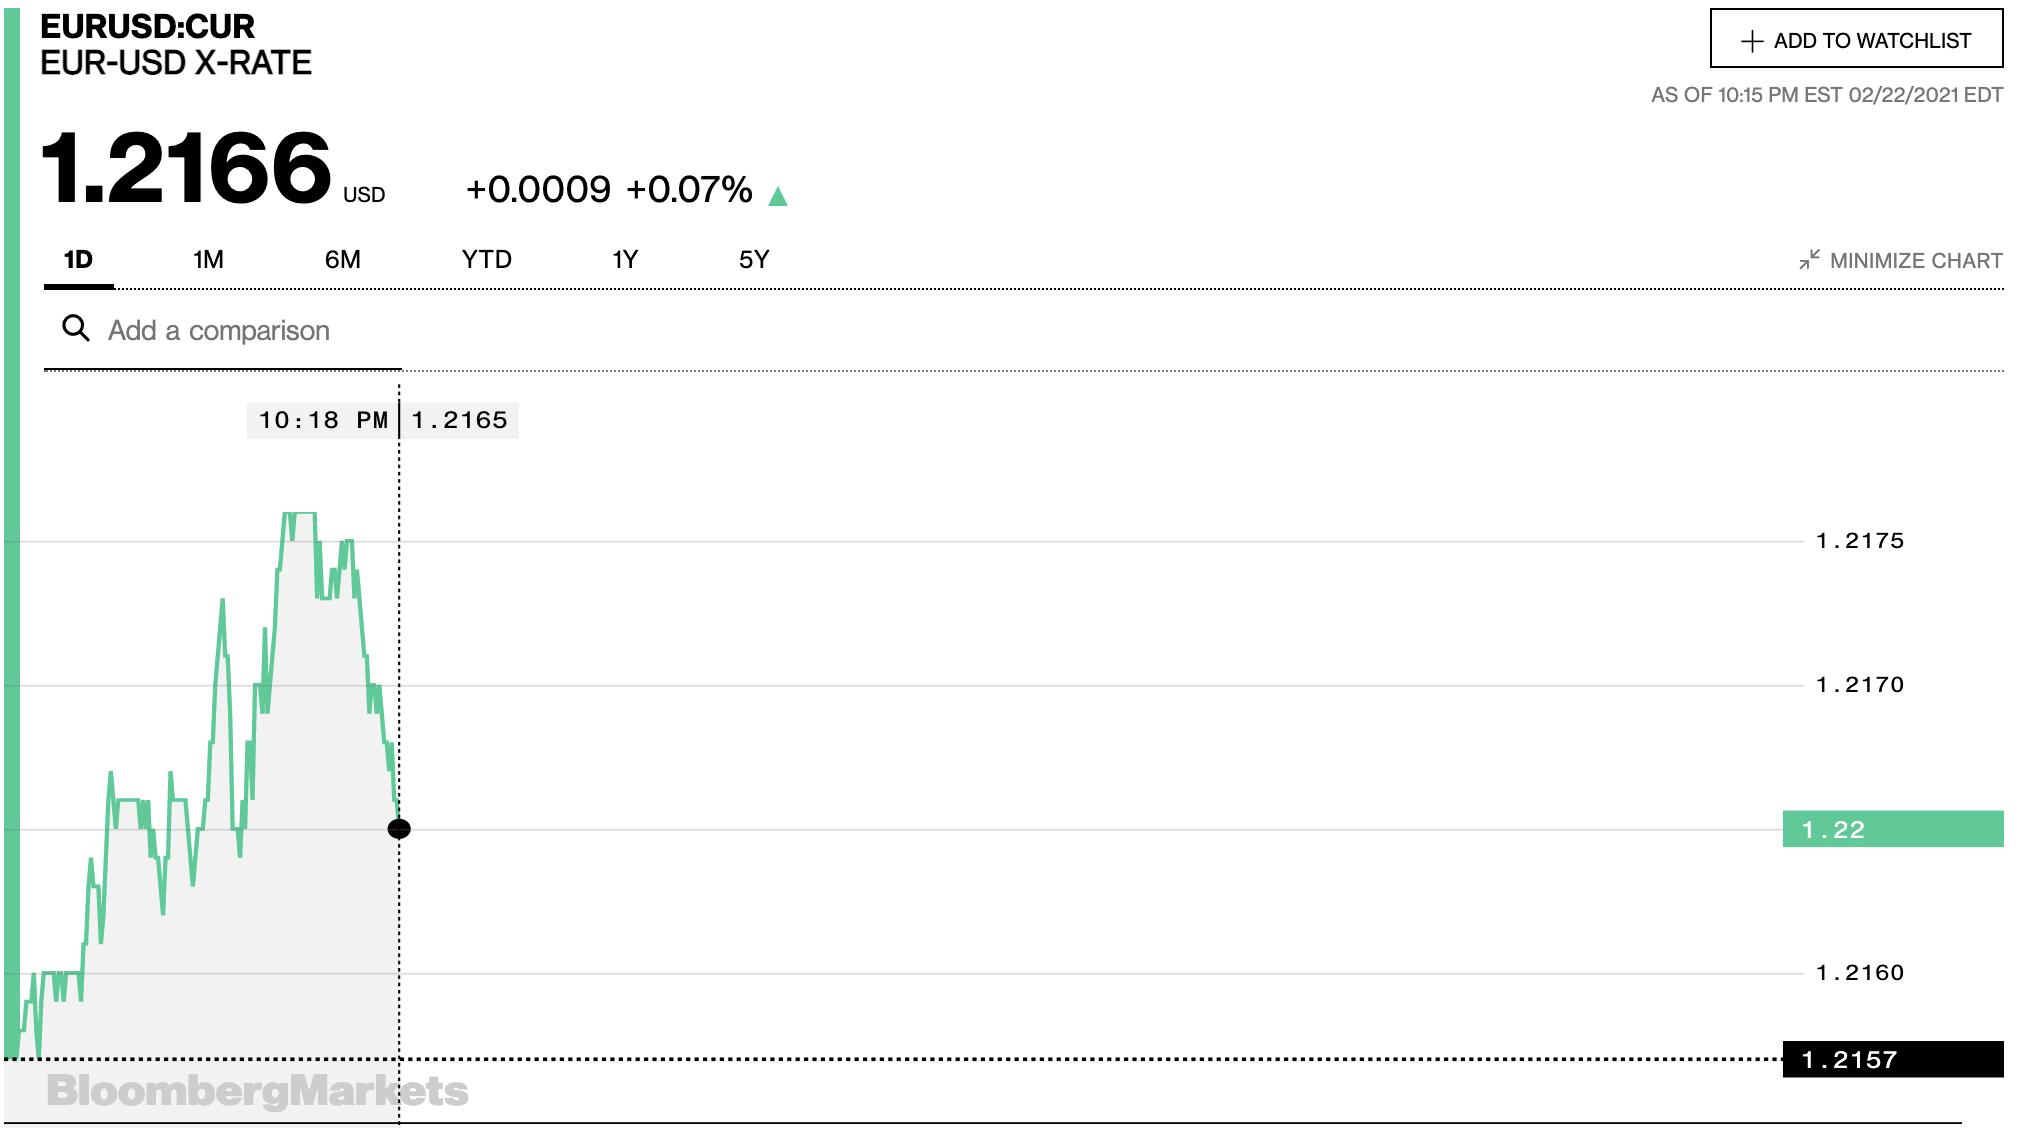 Tỷ giá euro hôm nay 23/2: Tăng đồng loạt tại các ngân hàng và thị trường chợ đen - Ảnh 2.